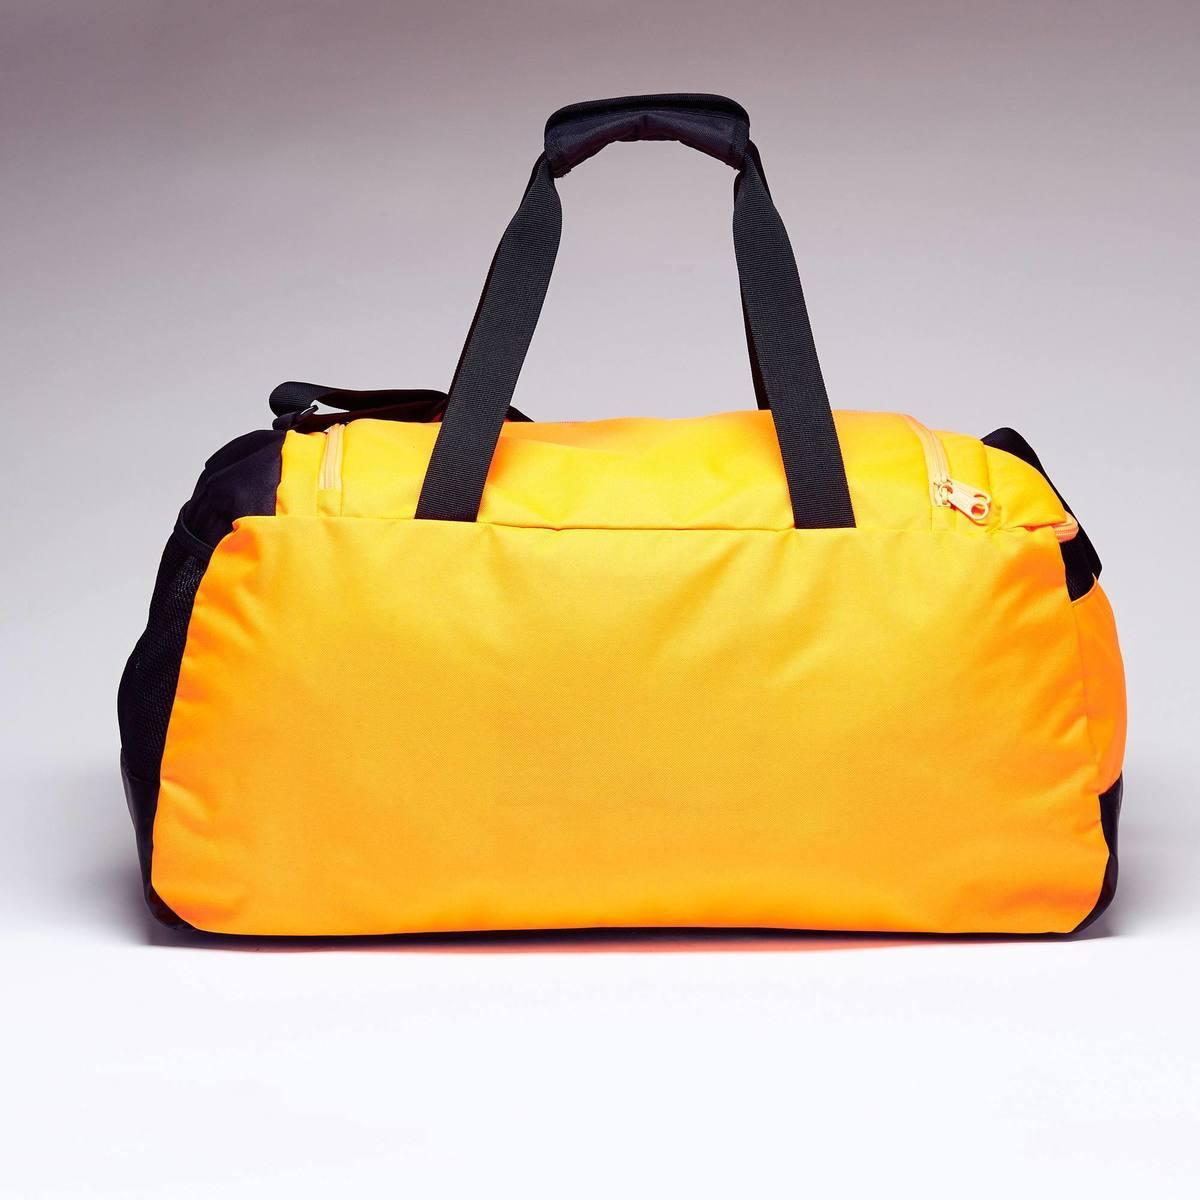 Bild 5 von Sporttasche Protrain Medium Bag